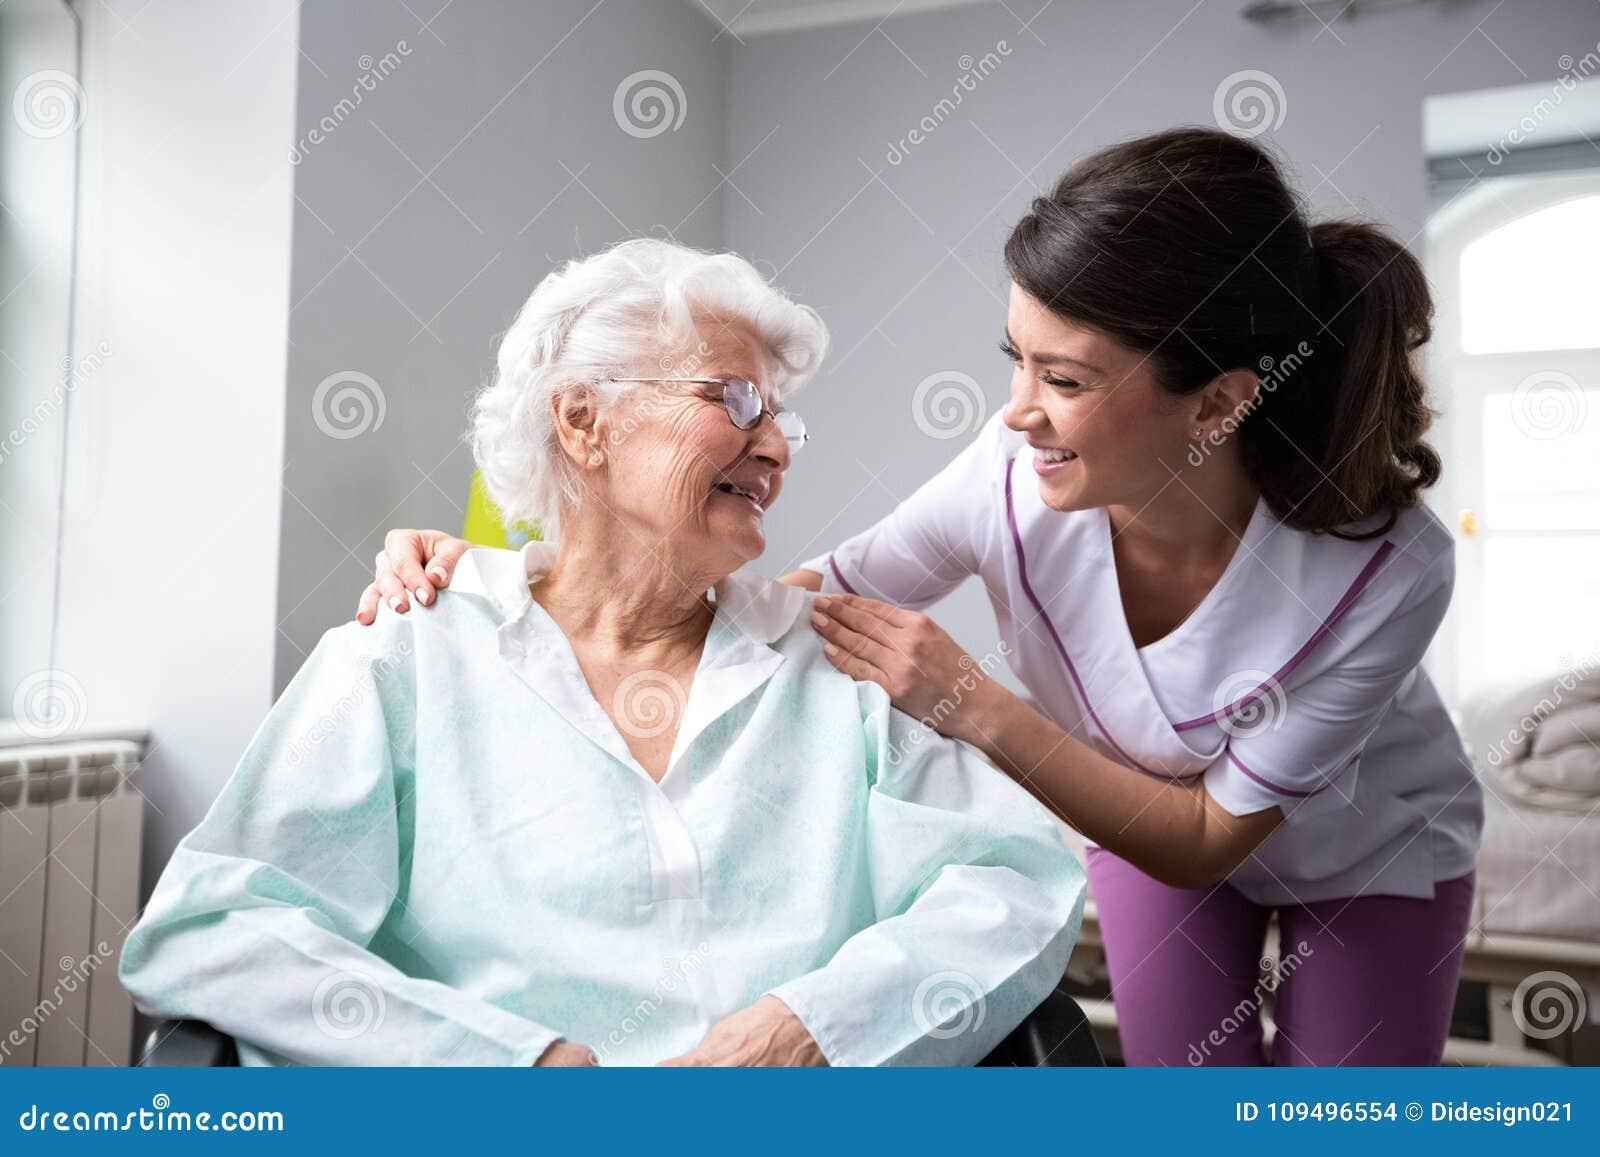 Удовлетворенный и счастливый старший пациент женщины с медсестрой